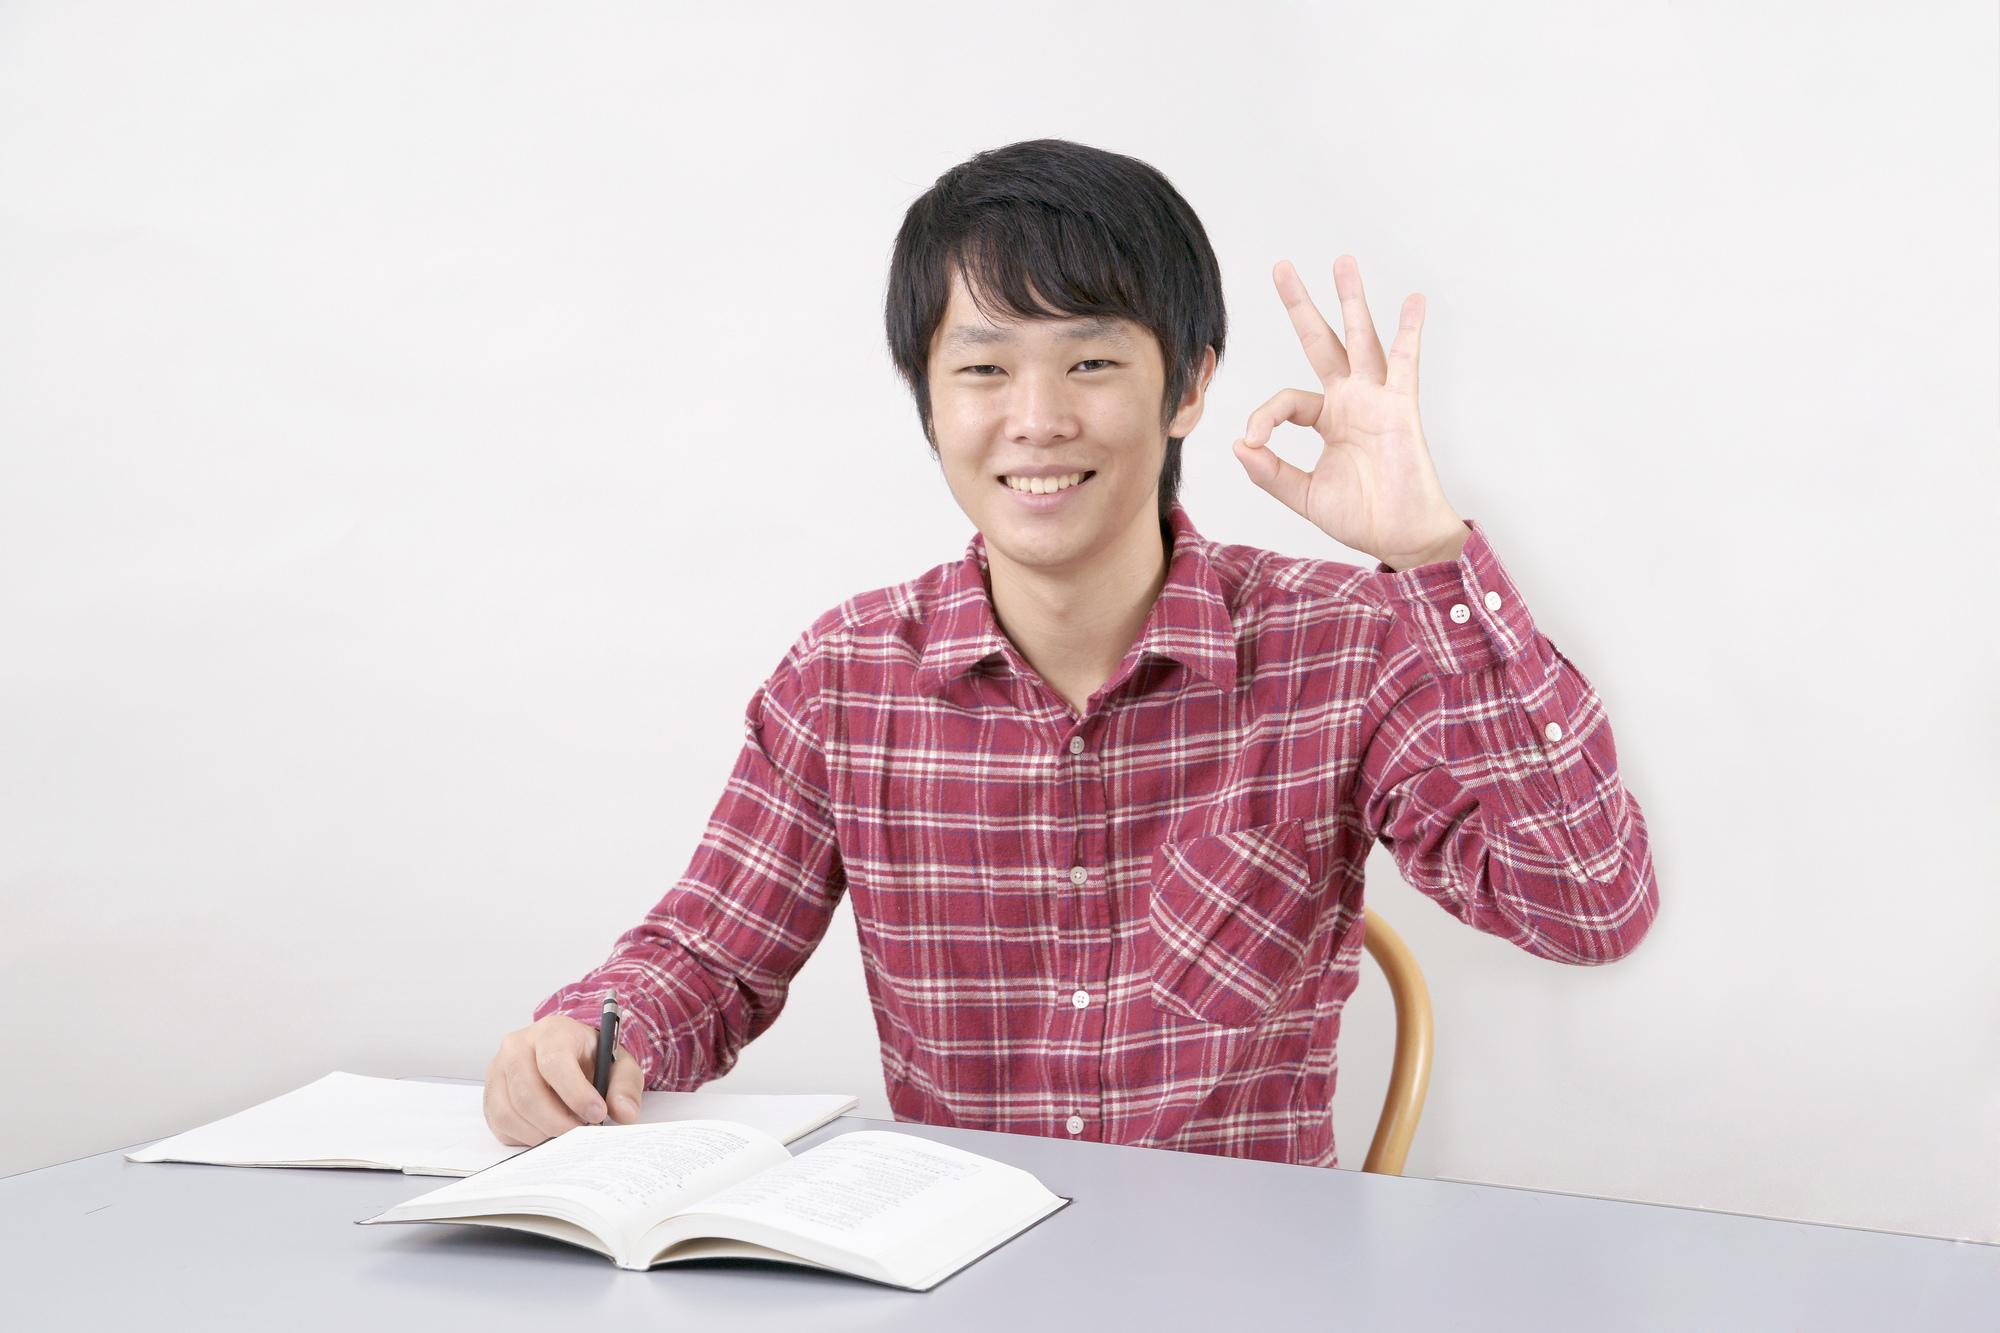 指でOKサインをする男子中学生